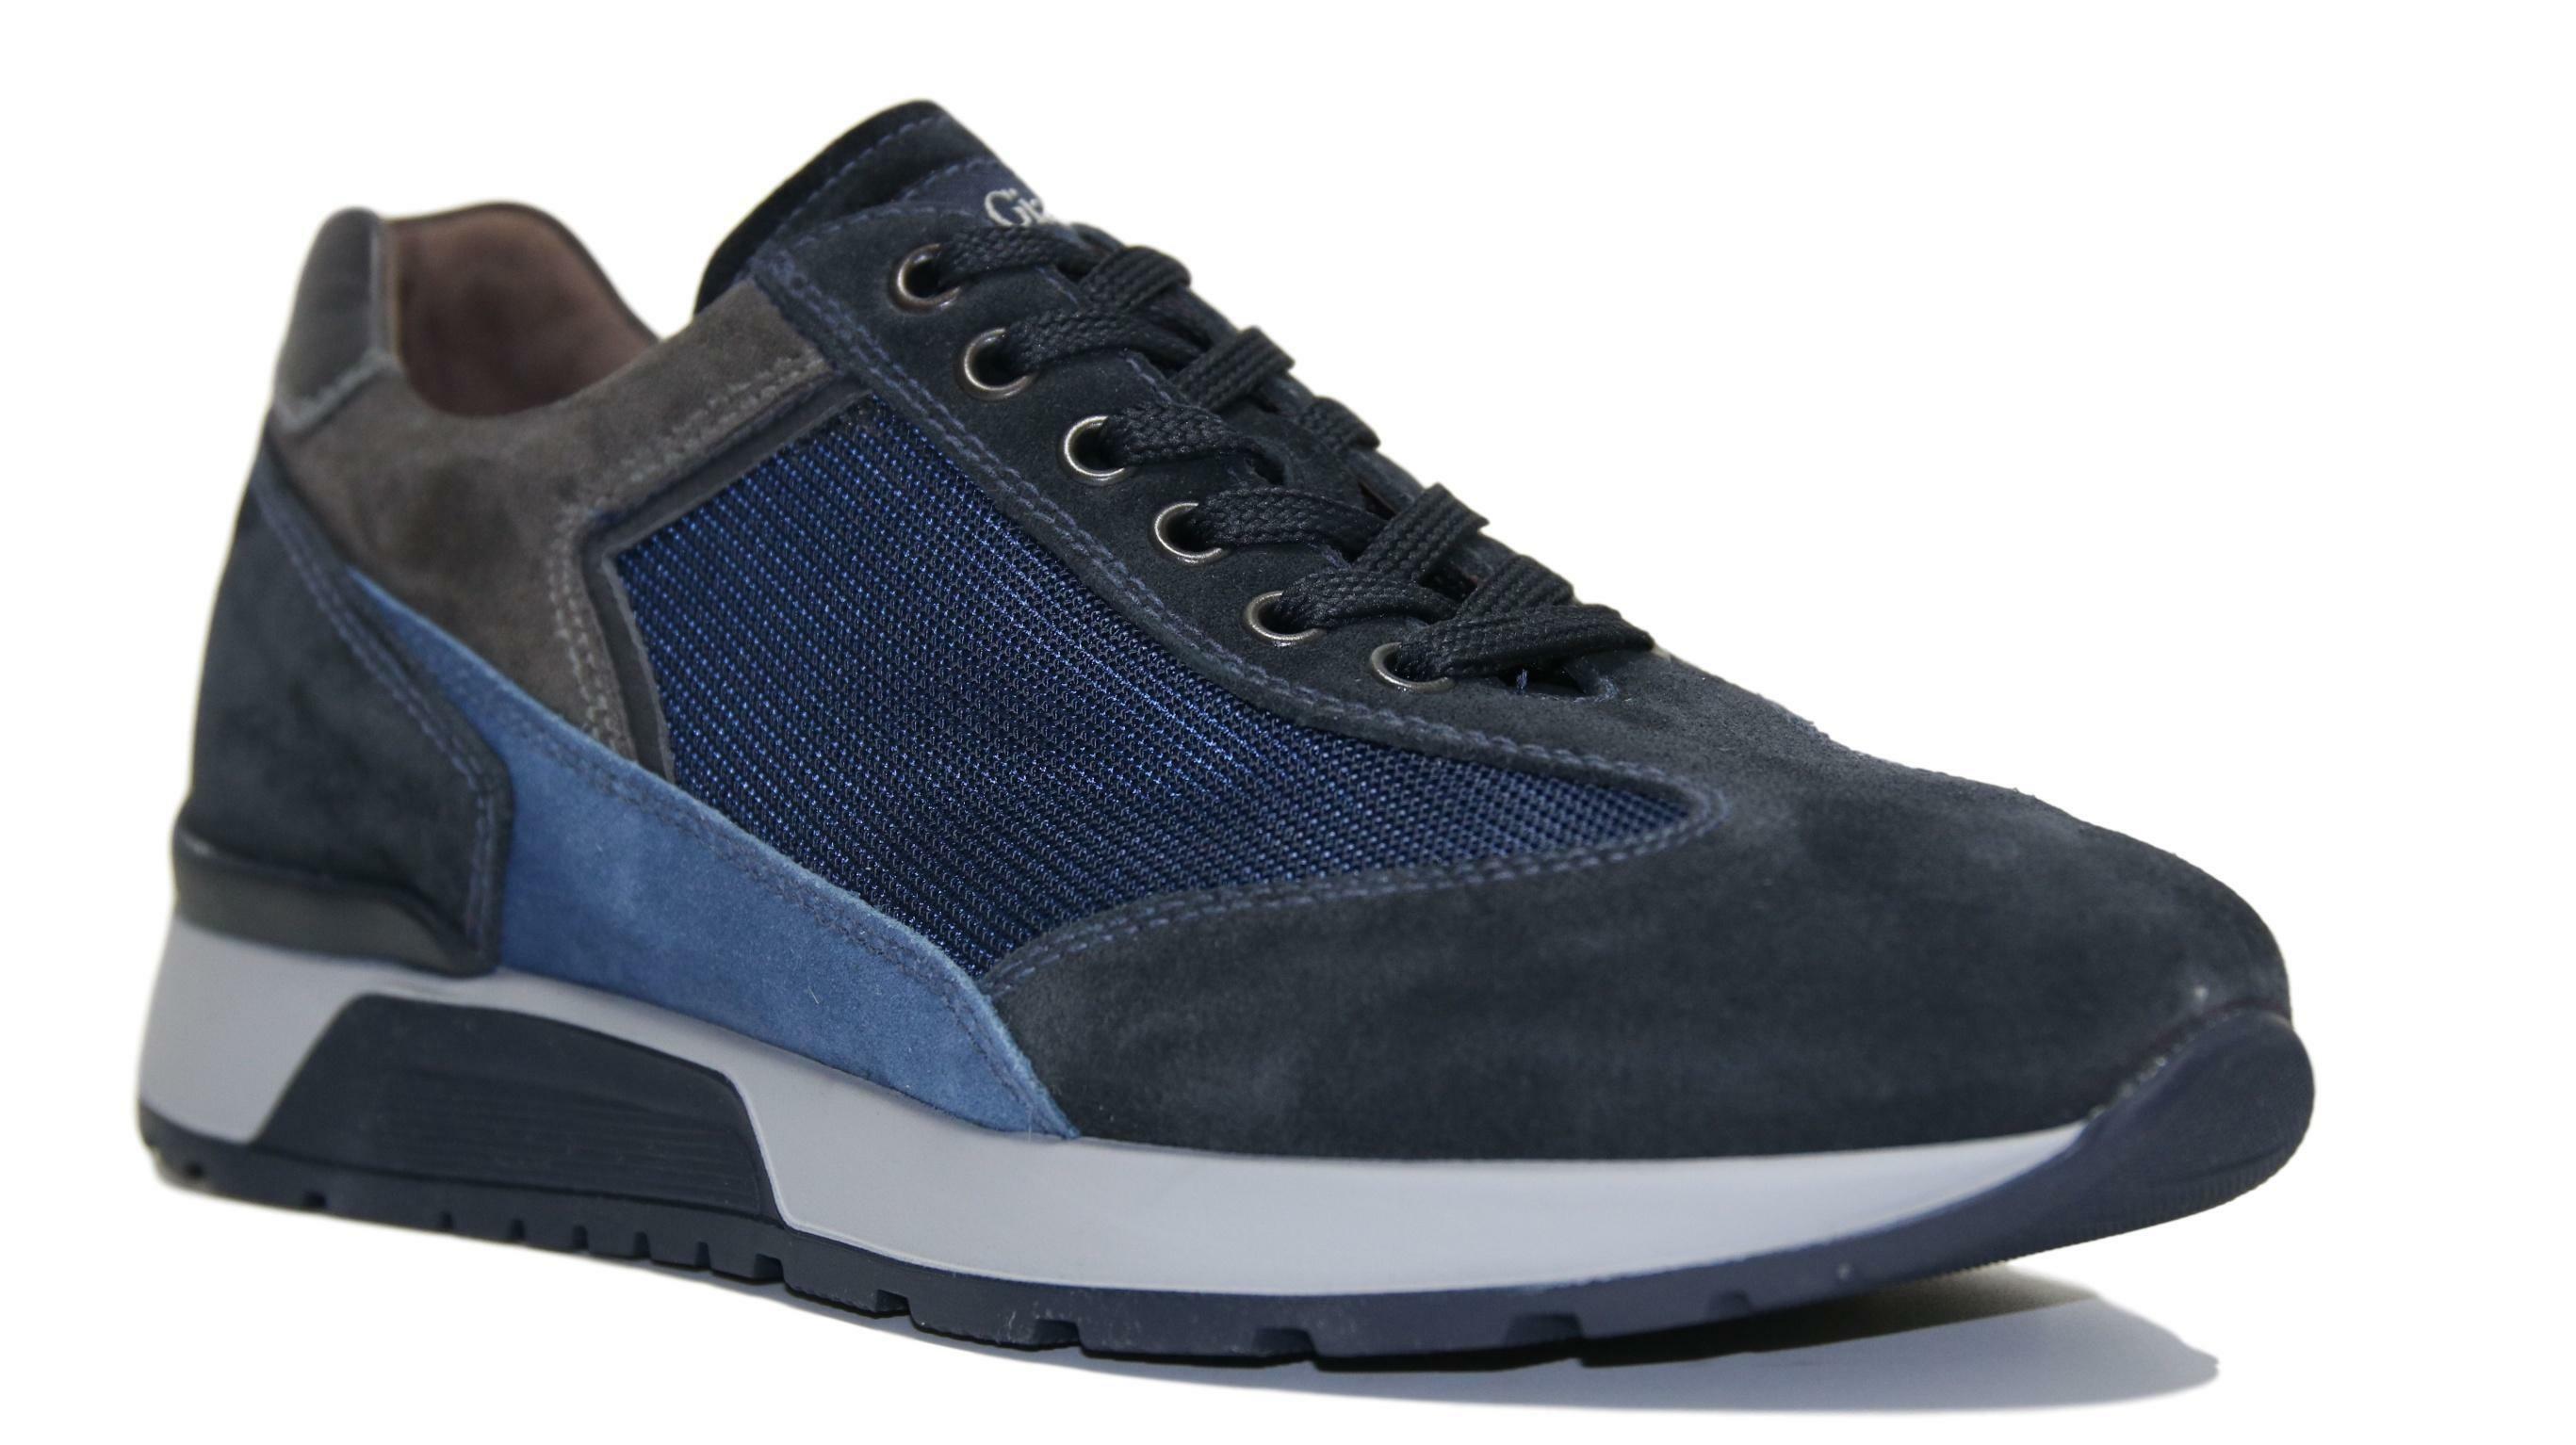 Scarpe da uomo Sneakers in nabuk morbido Nero Giardini